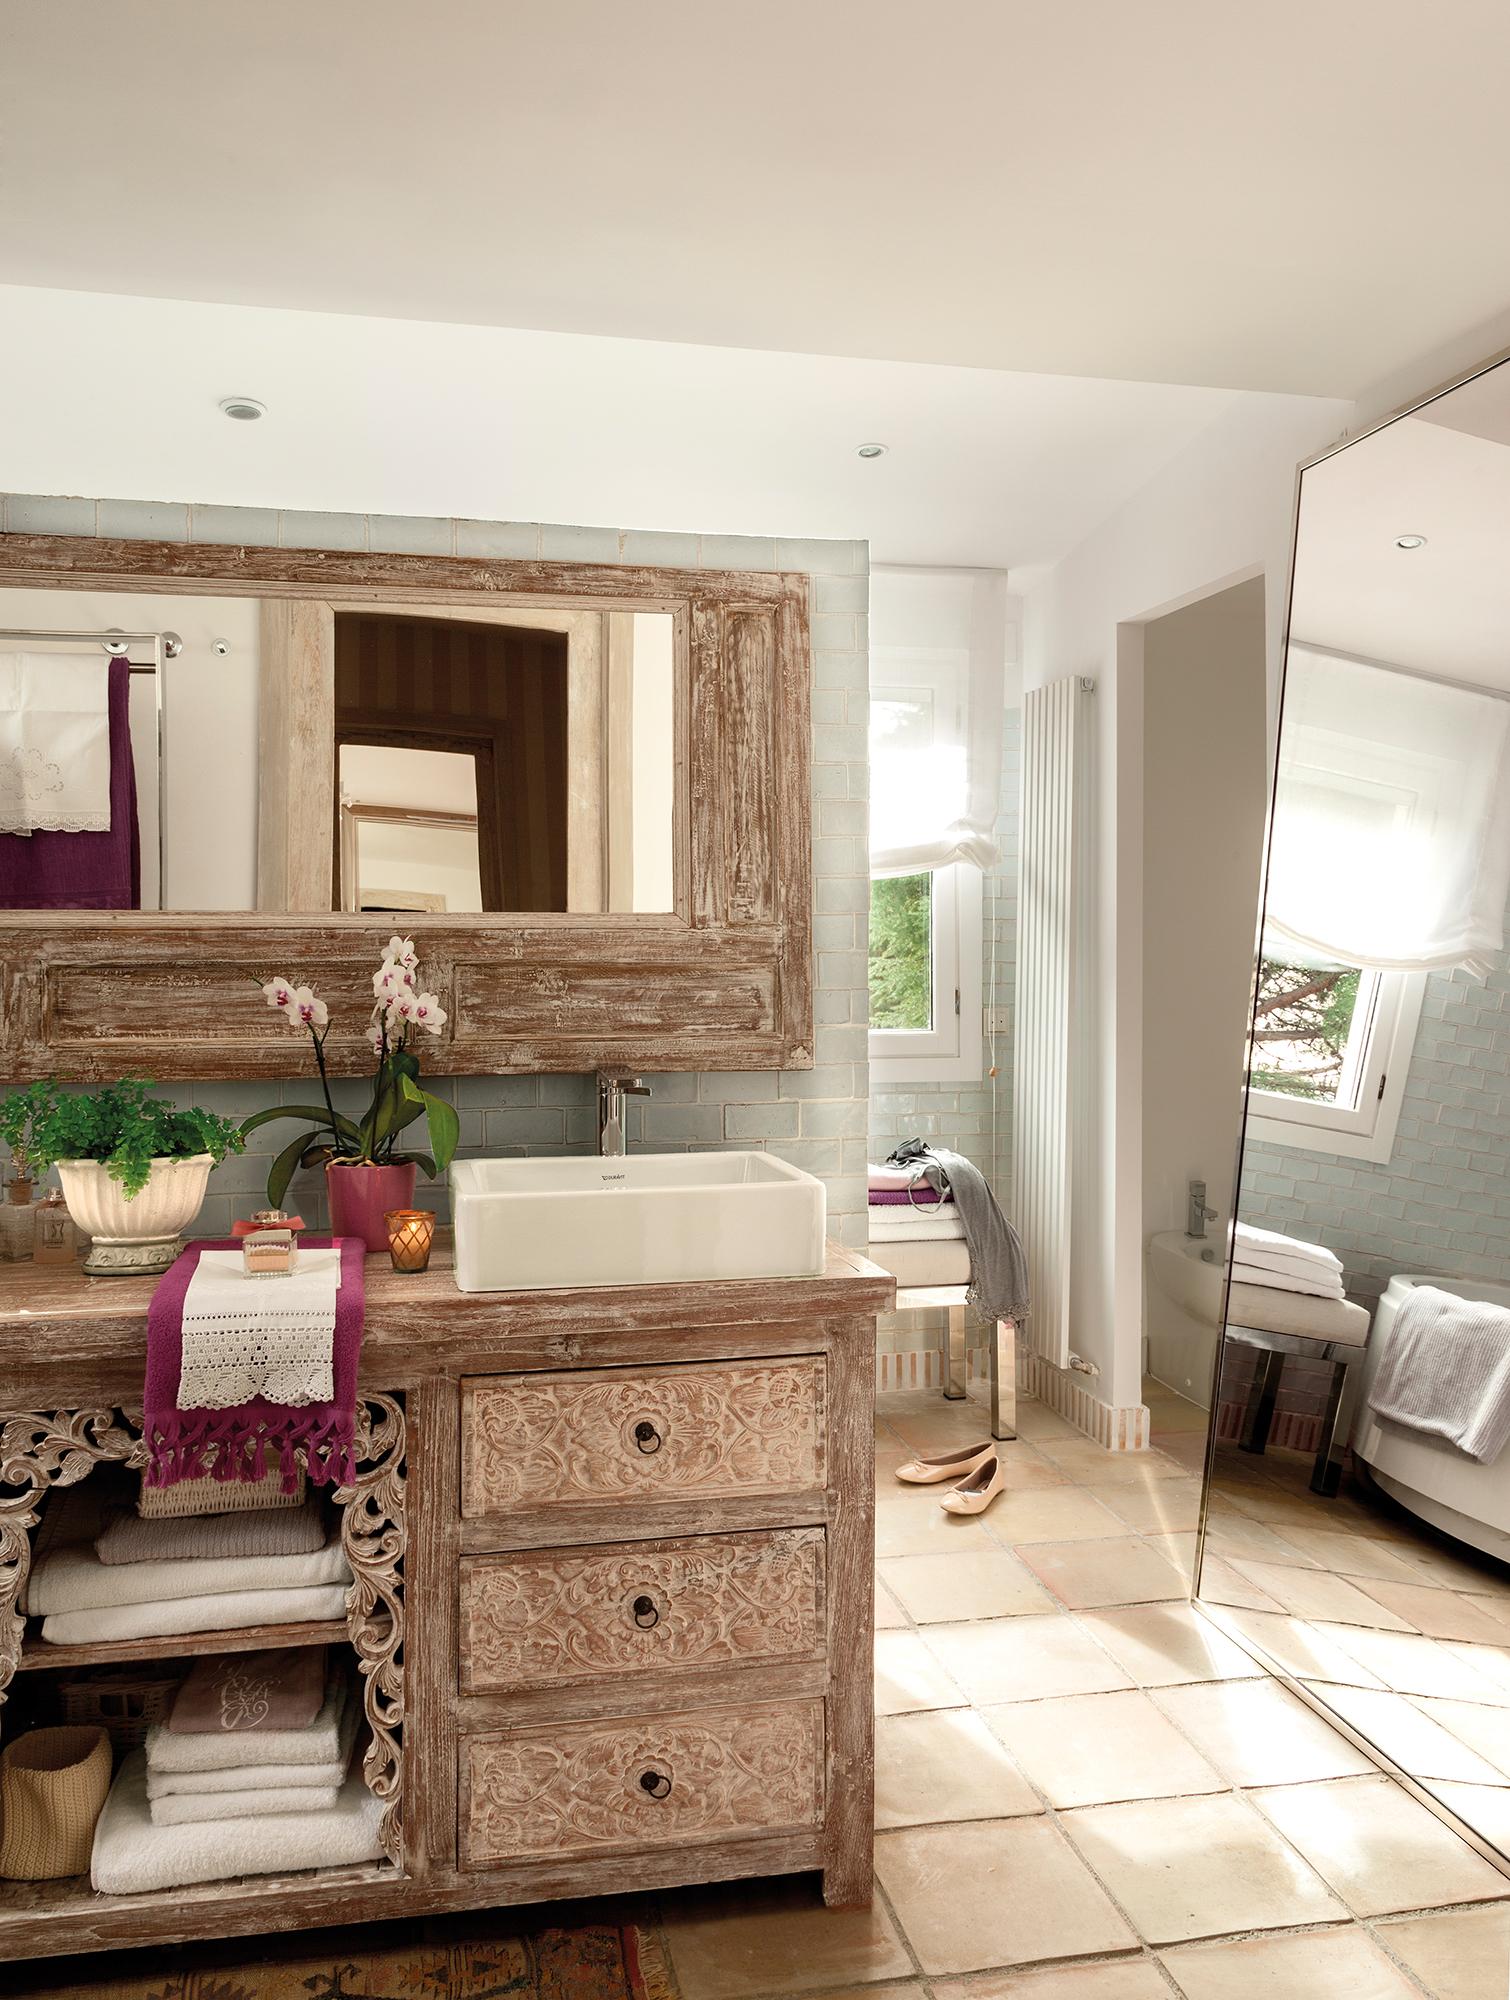 415 Fotos de Muebles de baño